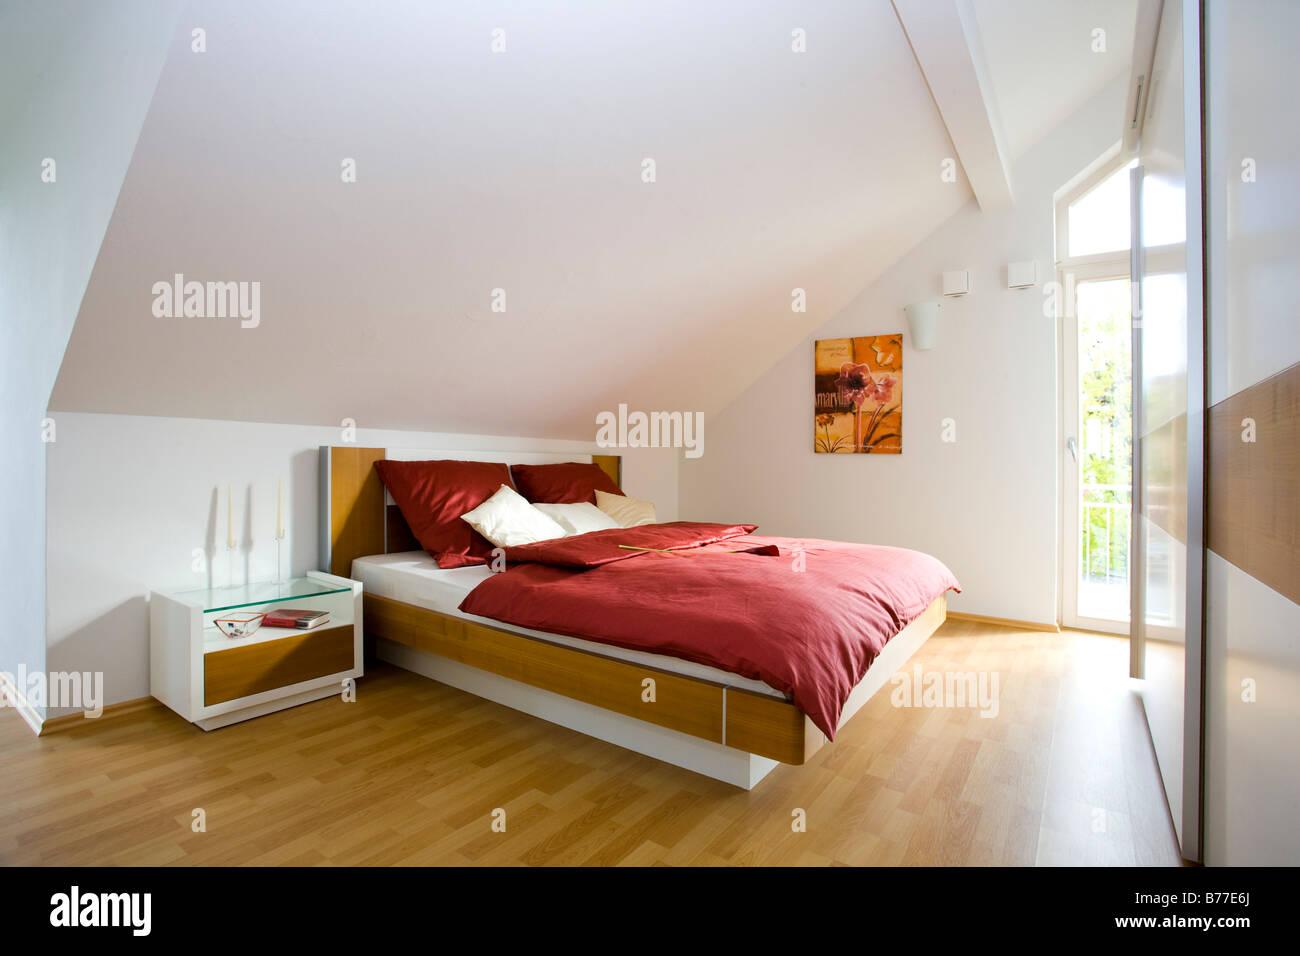 Modernes Schlafzimmer, moderne Schlafzimmer Stockfoto, Bild ...